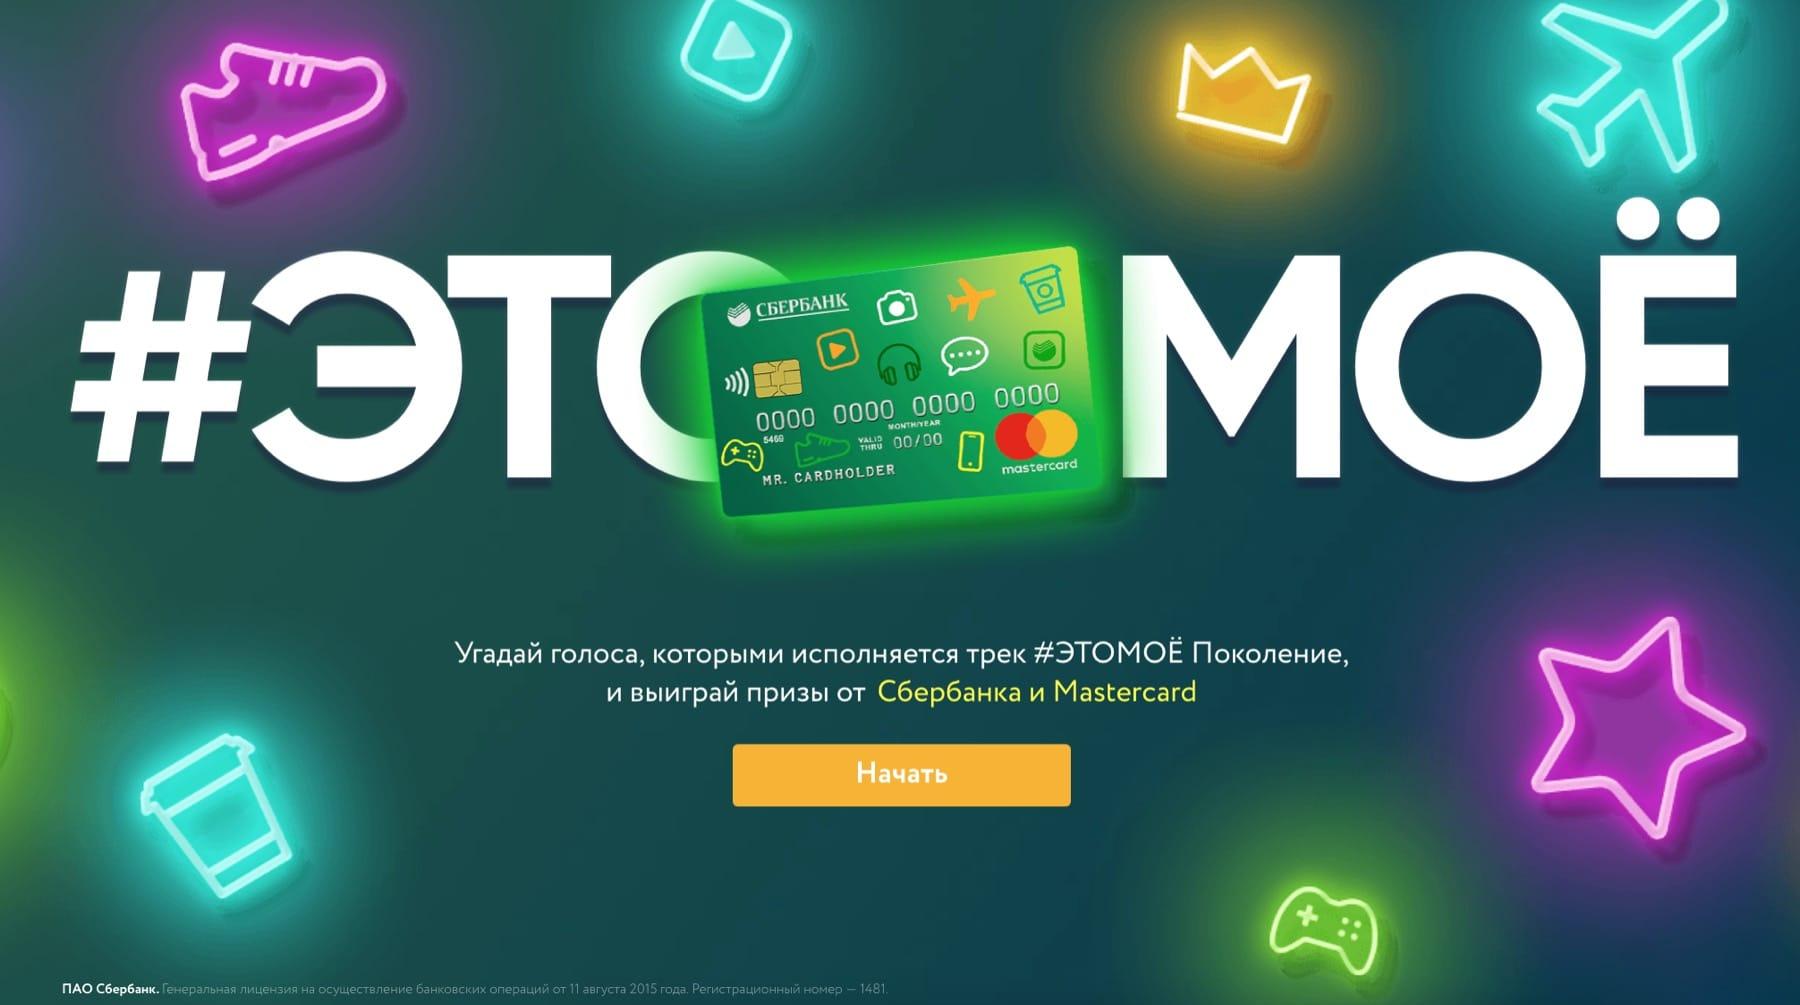 кредитная карта получить деньги и удачу